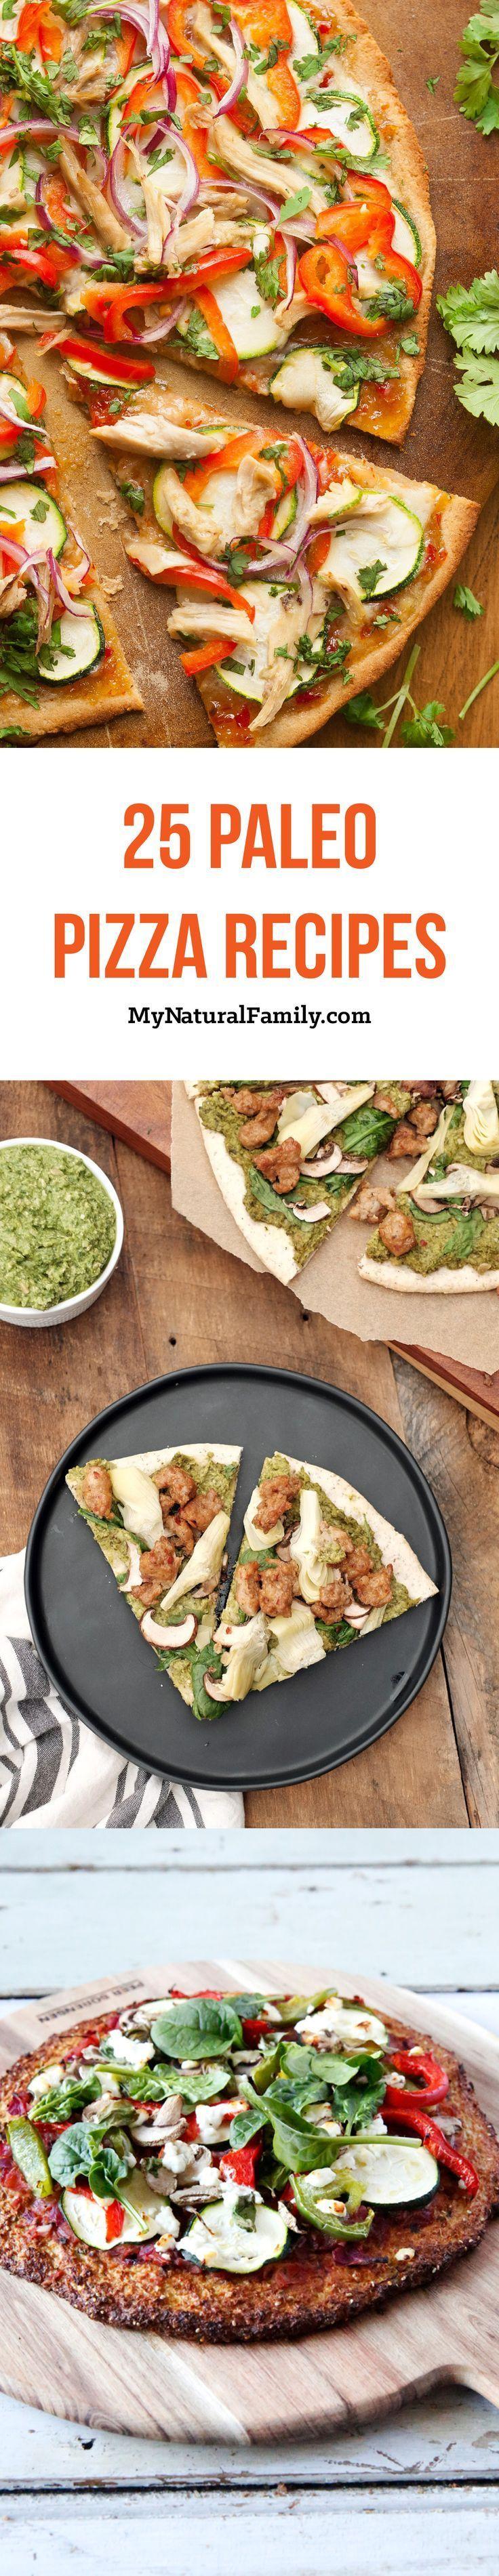 25 Paleo Pizza Recipes